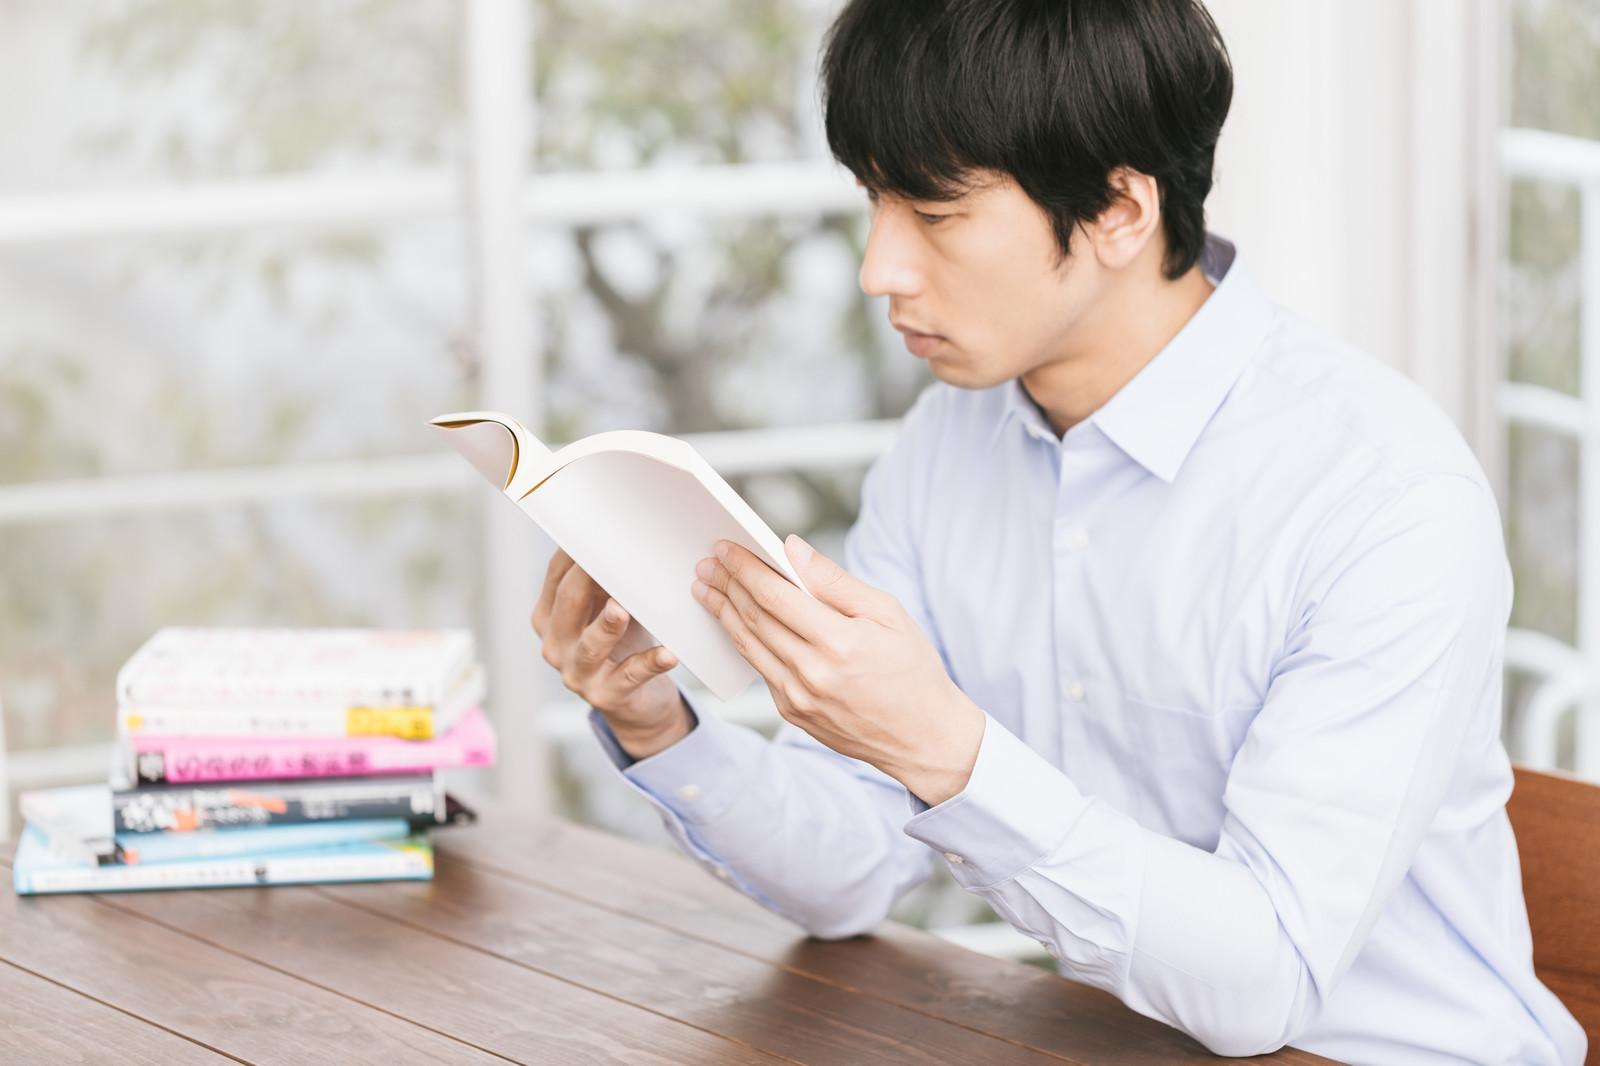 【AO入試】合格者インタビュー④「面接対策ノートが効果抜群!」